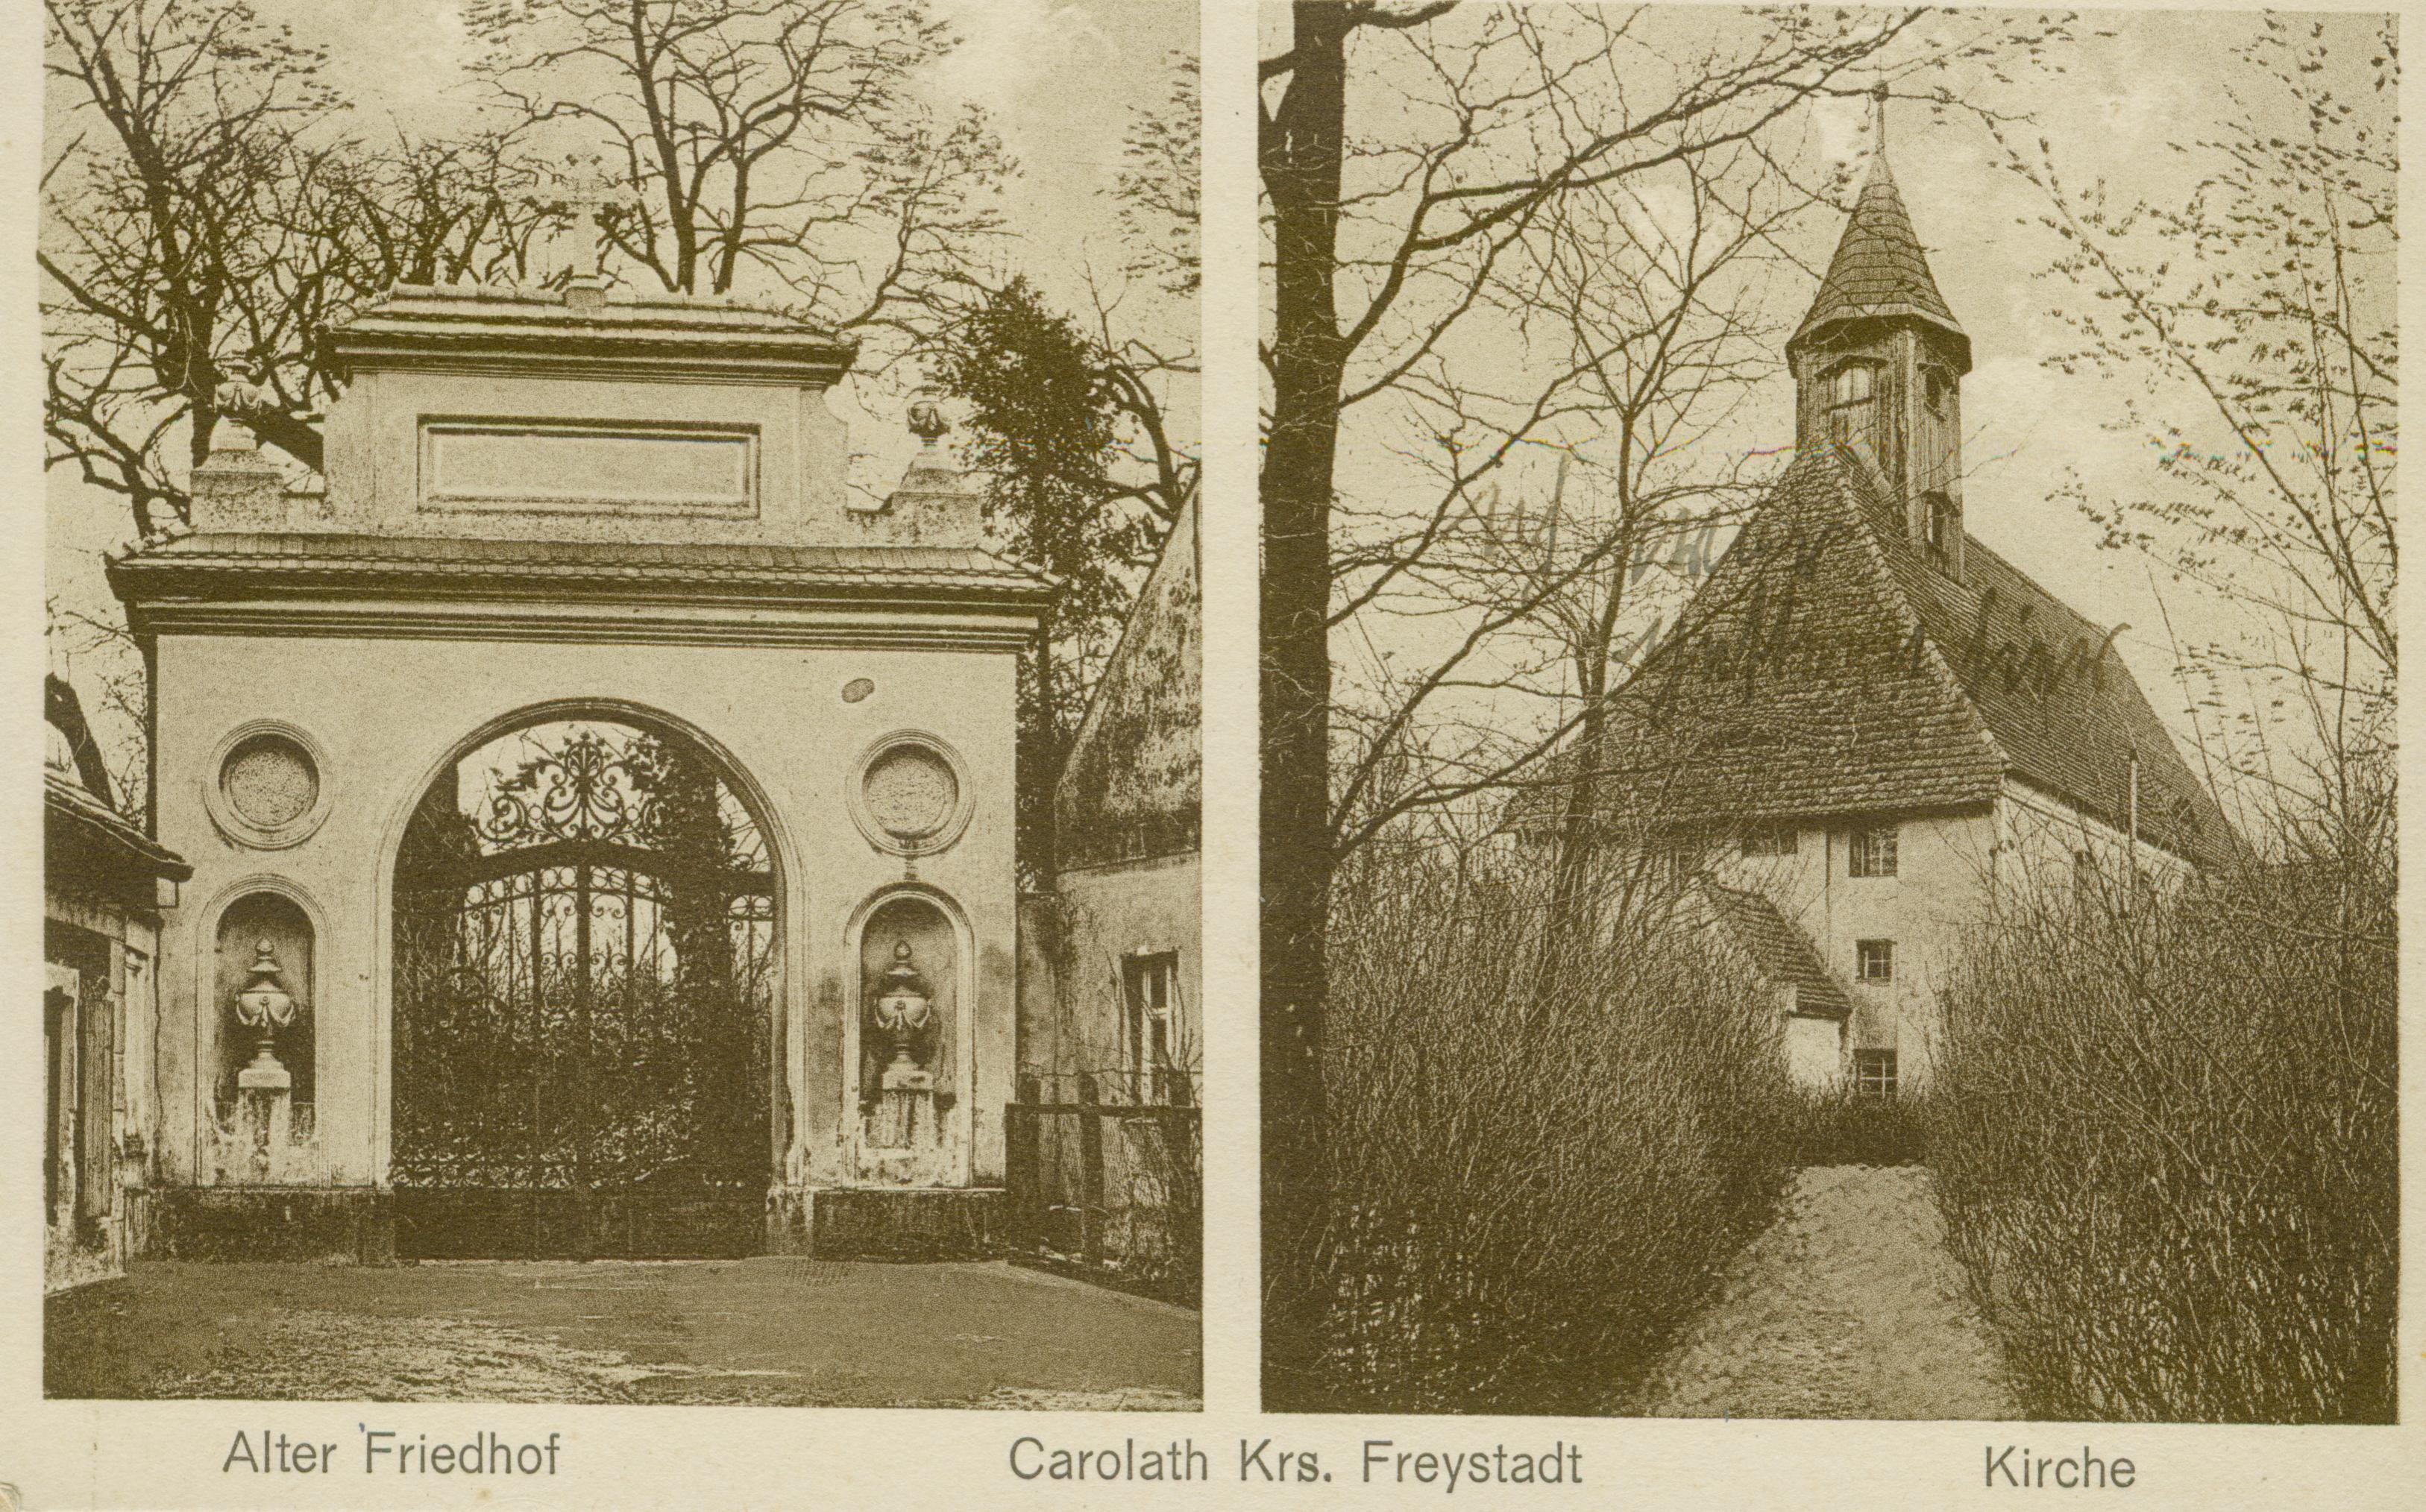 siedlisko-brama-wjazdowa-do-starego-dworu-oraz-kosciol